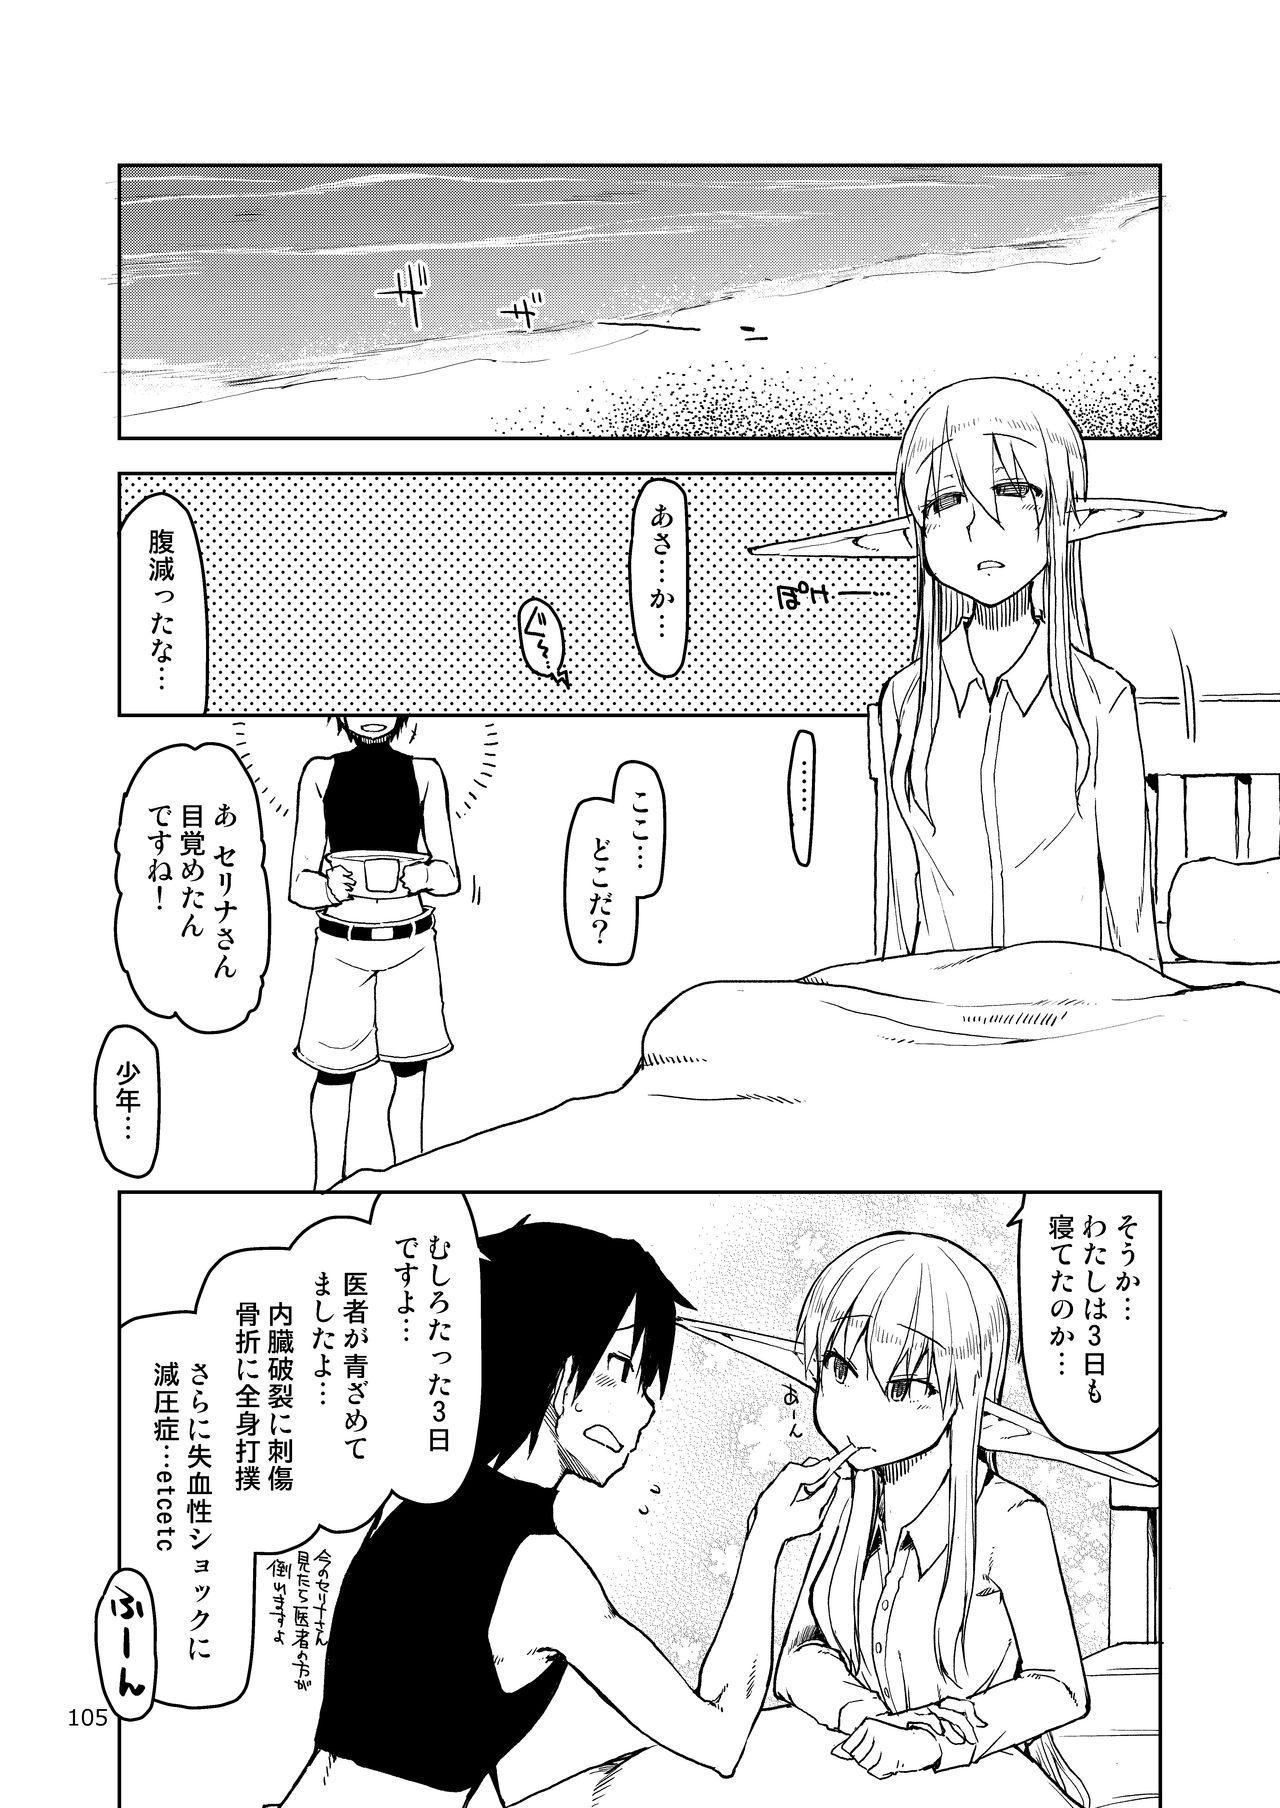 Dosukebe Elf no Ishukan Nikki Matome 2 105